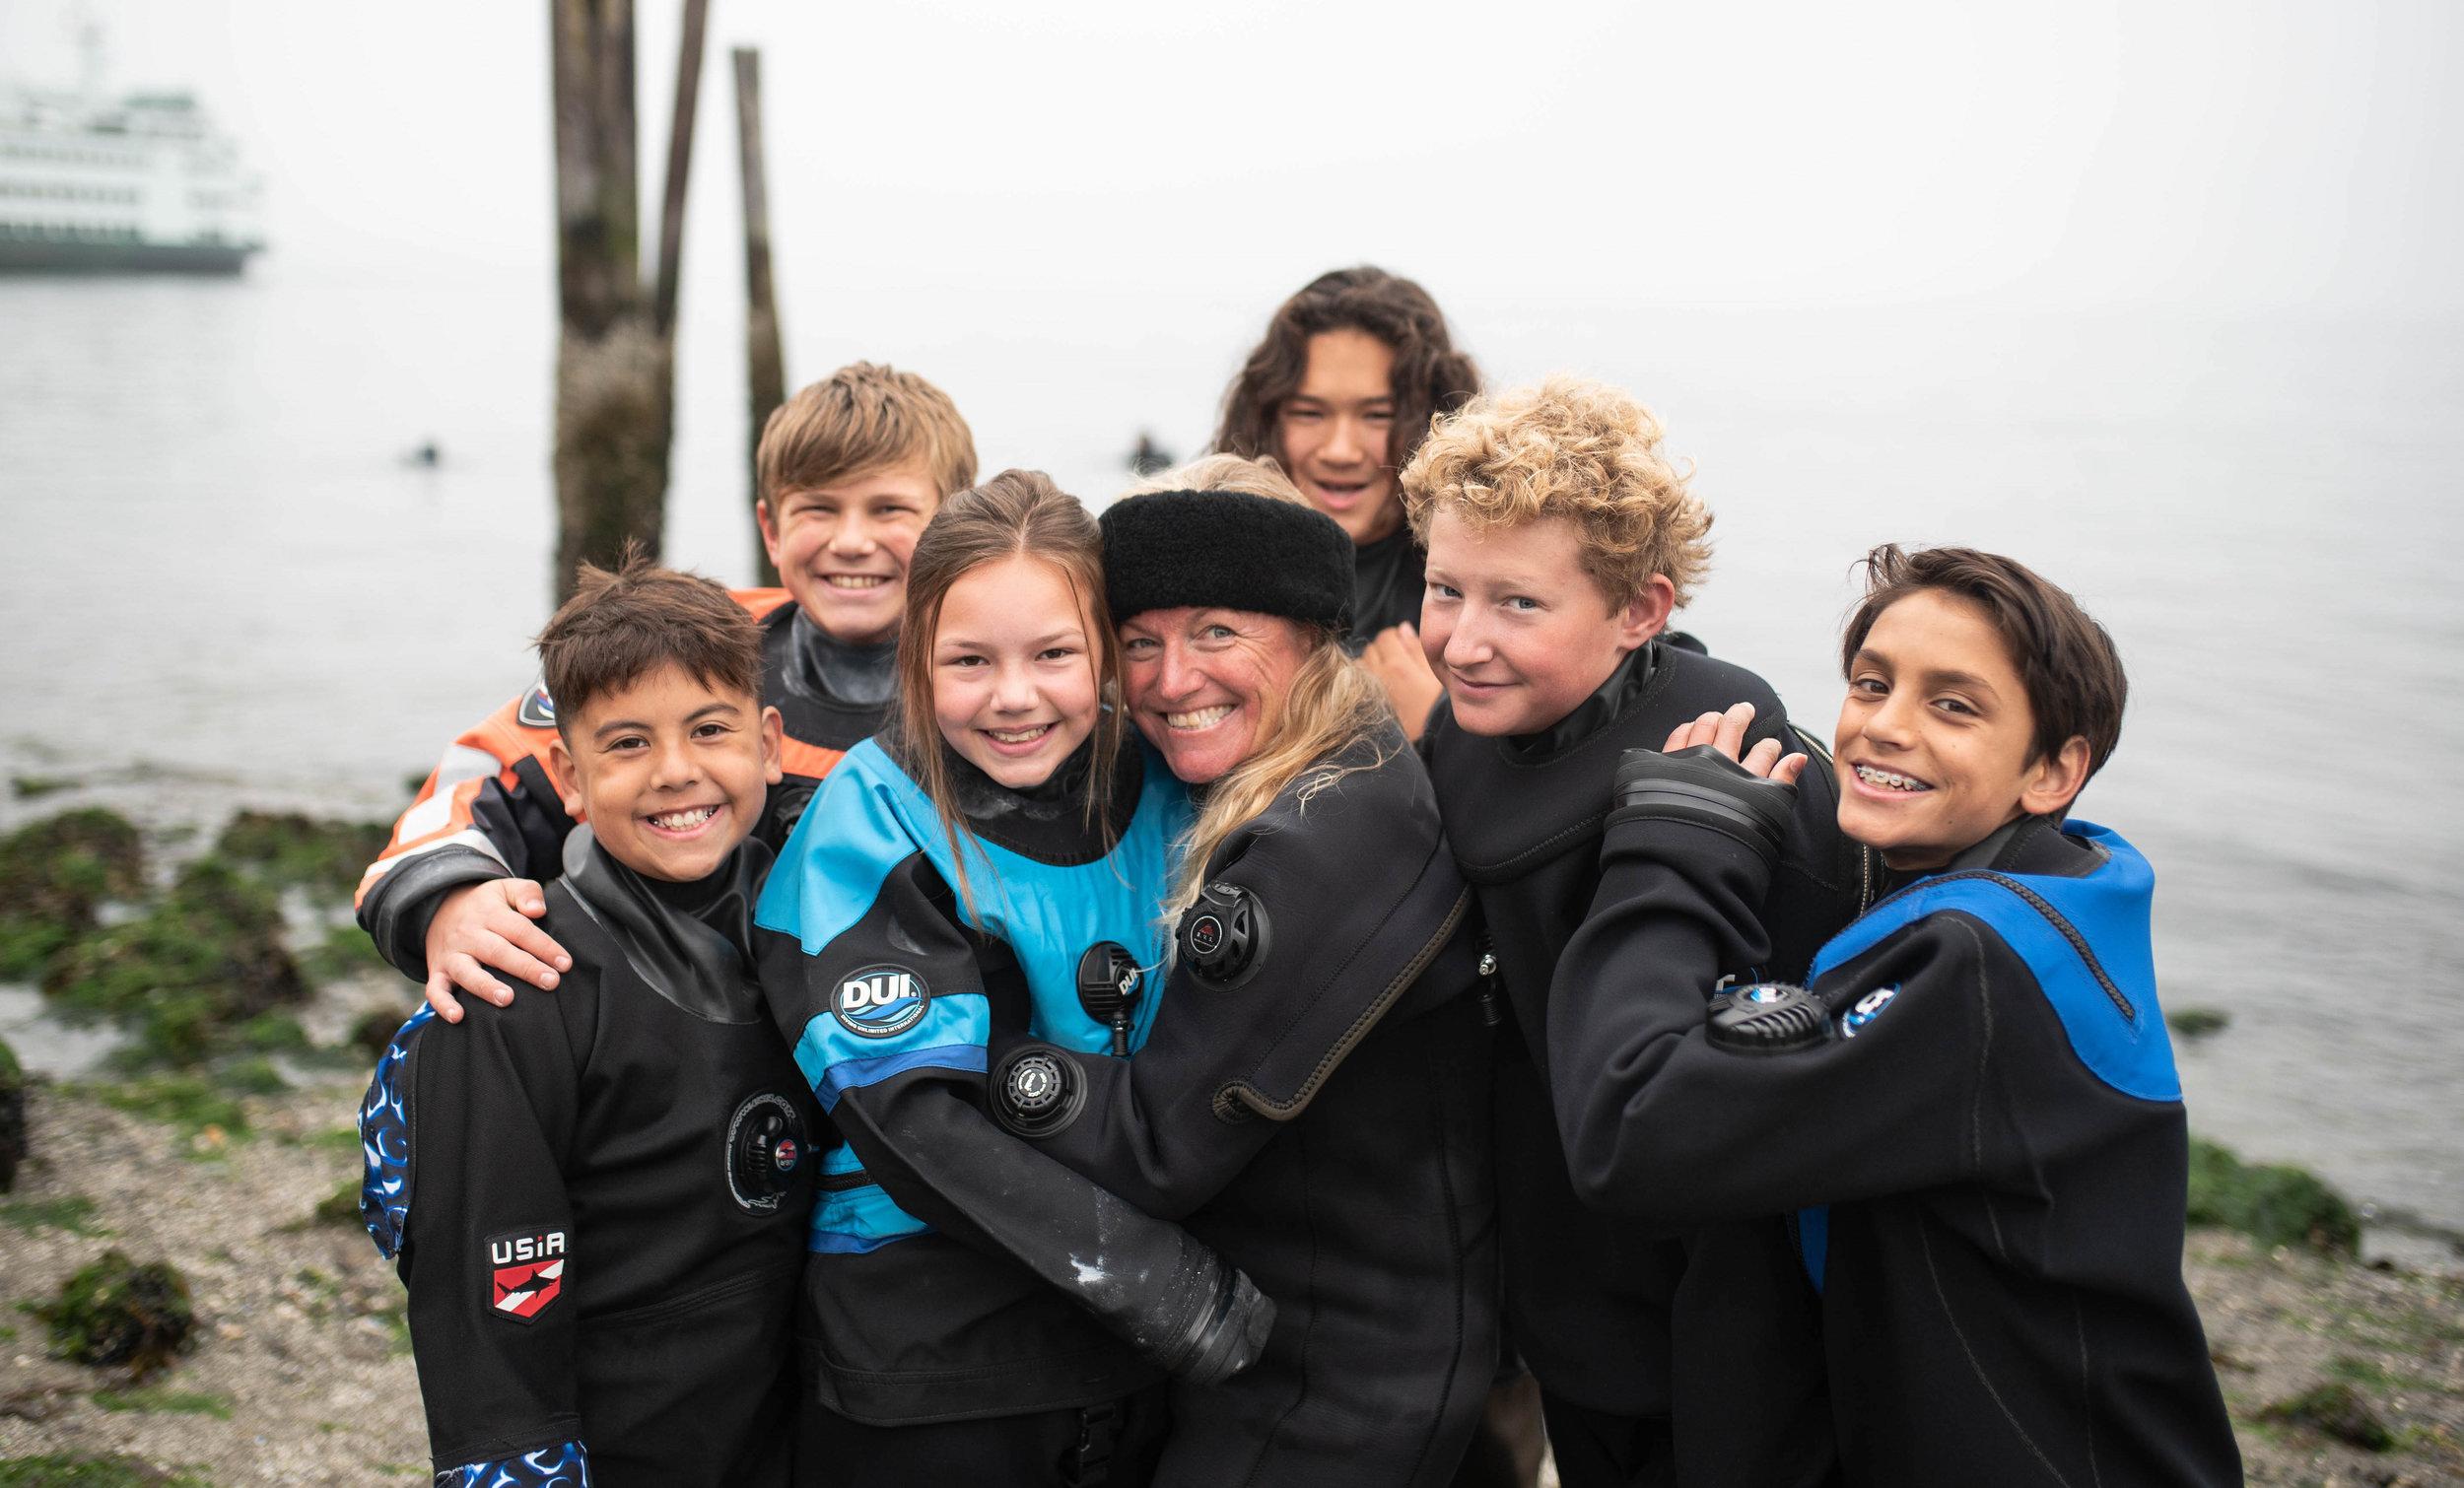 Annie Crawley Scuba Diving Team - 31 crop.jpg